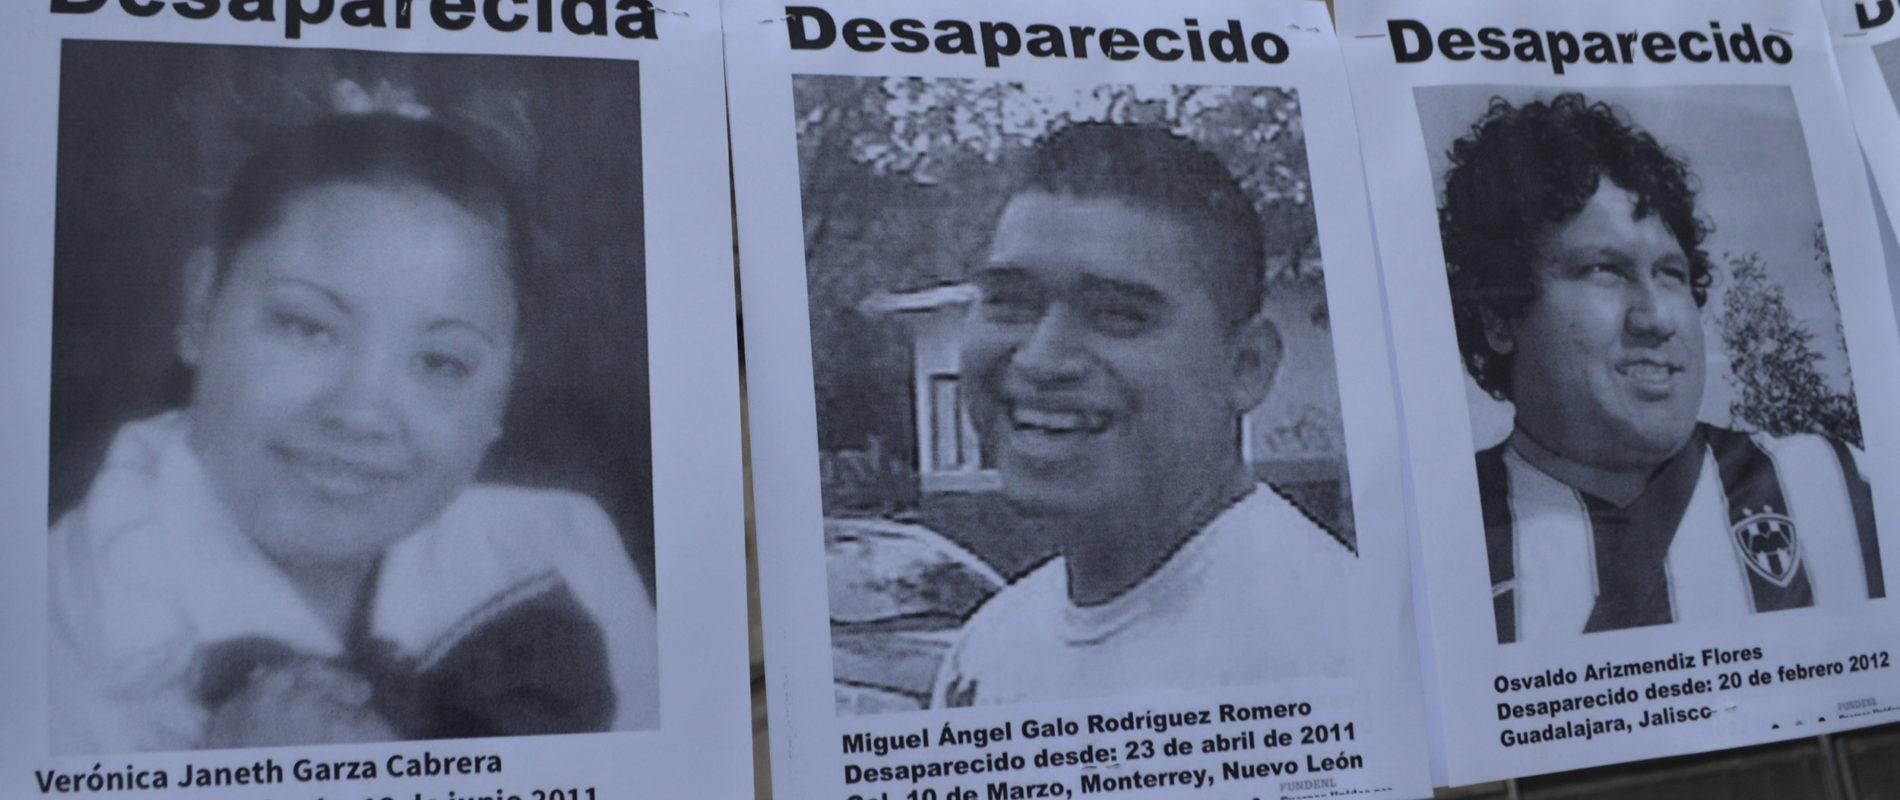 Desde 2011, más de cien personas han desaparecido en la carretera que une a los estados de Nuevo León y Tamaulipas con Estados Unidos. Crédito: Obturador MX.